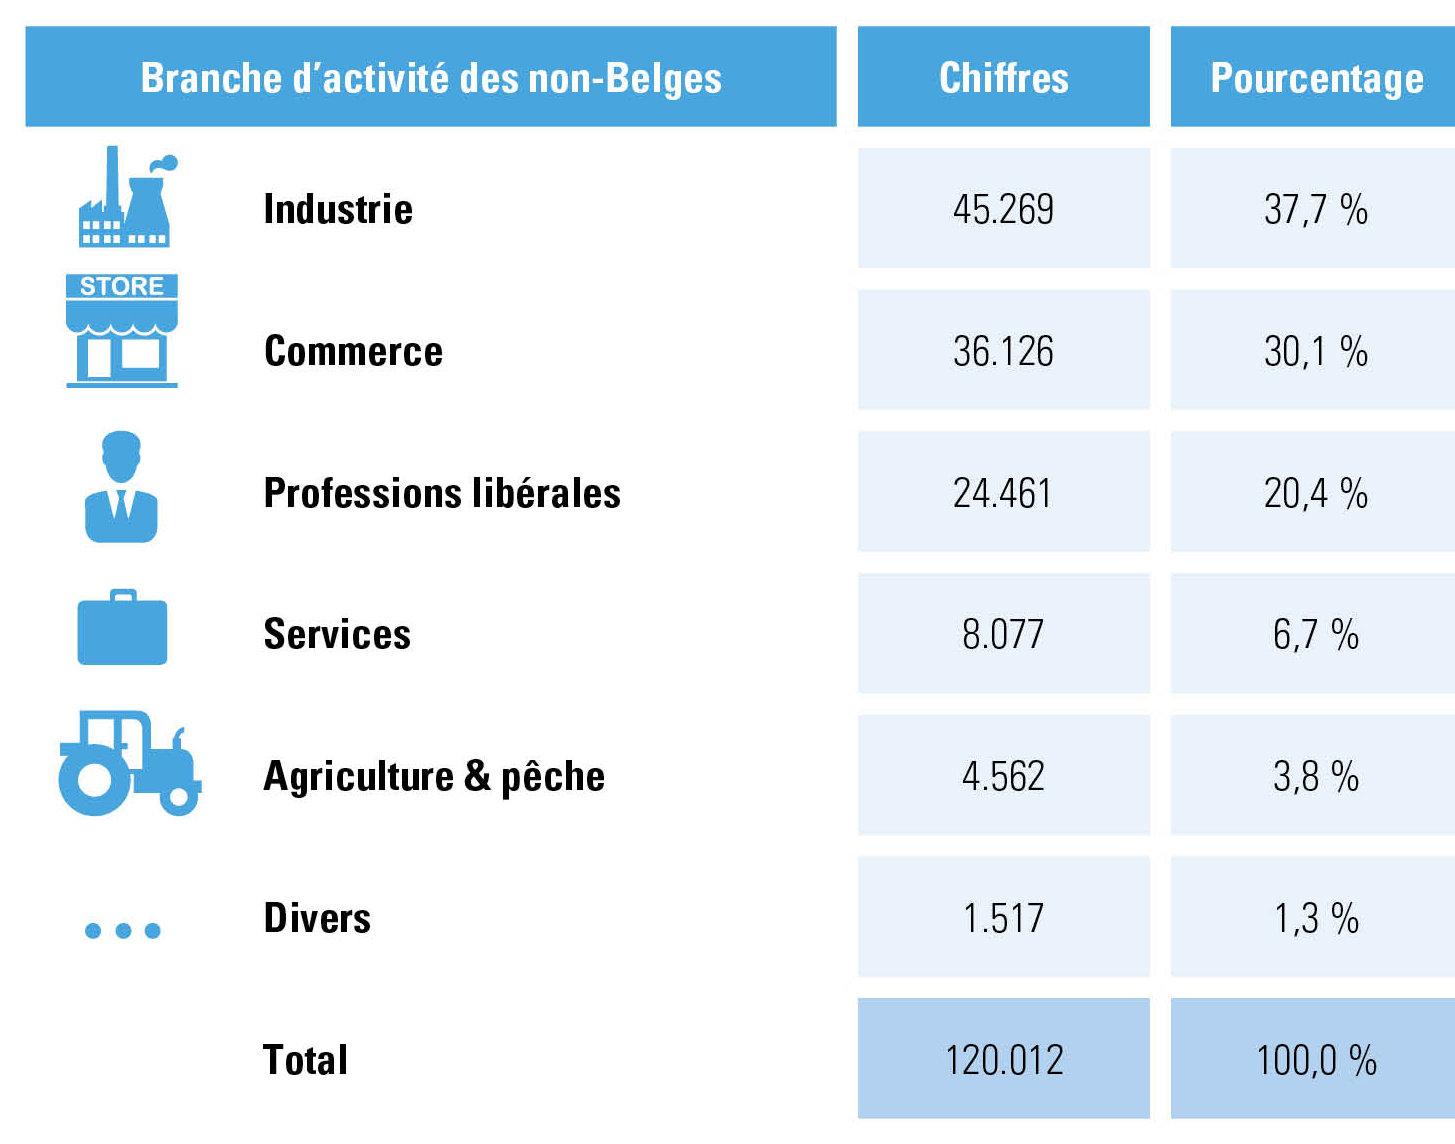 branches d'activité non-Belges